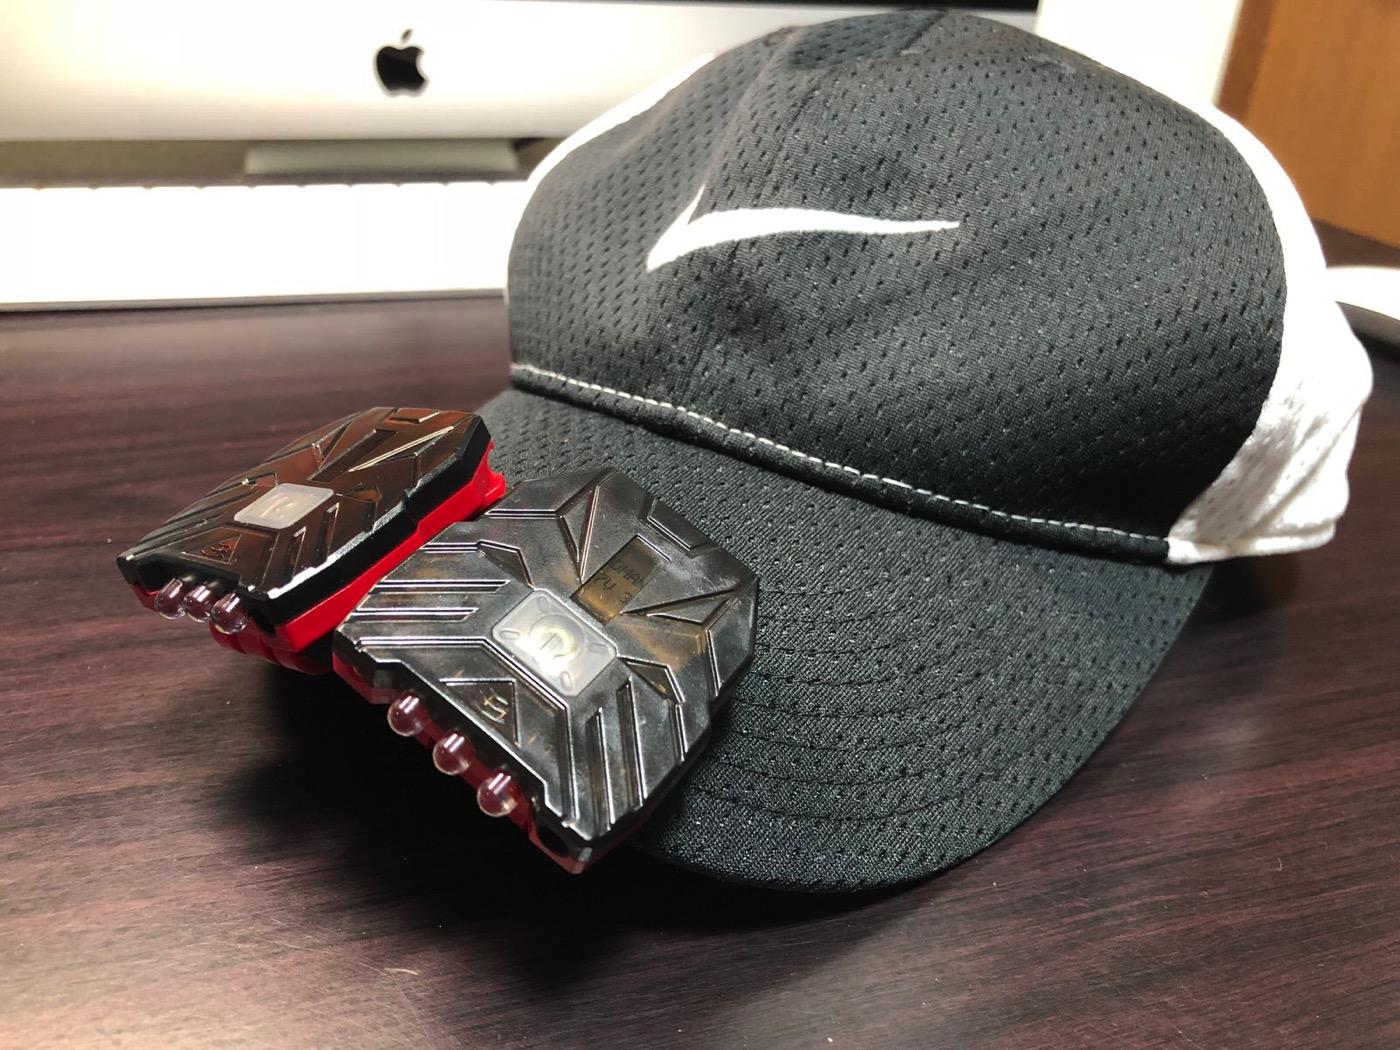 ヘッドライト 40ルーメン LEDキャップライト 帽子ライト センシング機能付 人感センサー ライト 2点灯モード 90度角度調節可能 帽子に挟んで使う-14